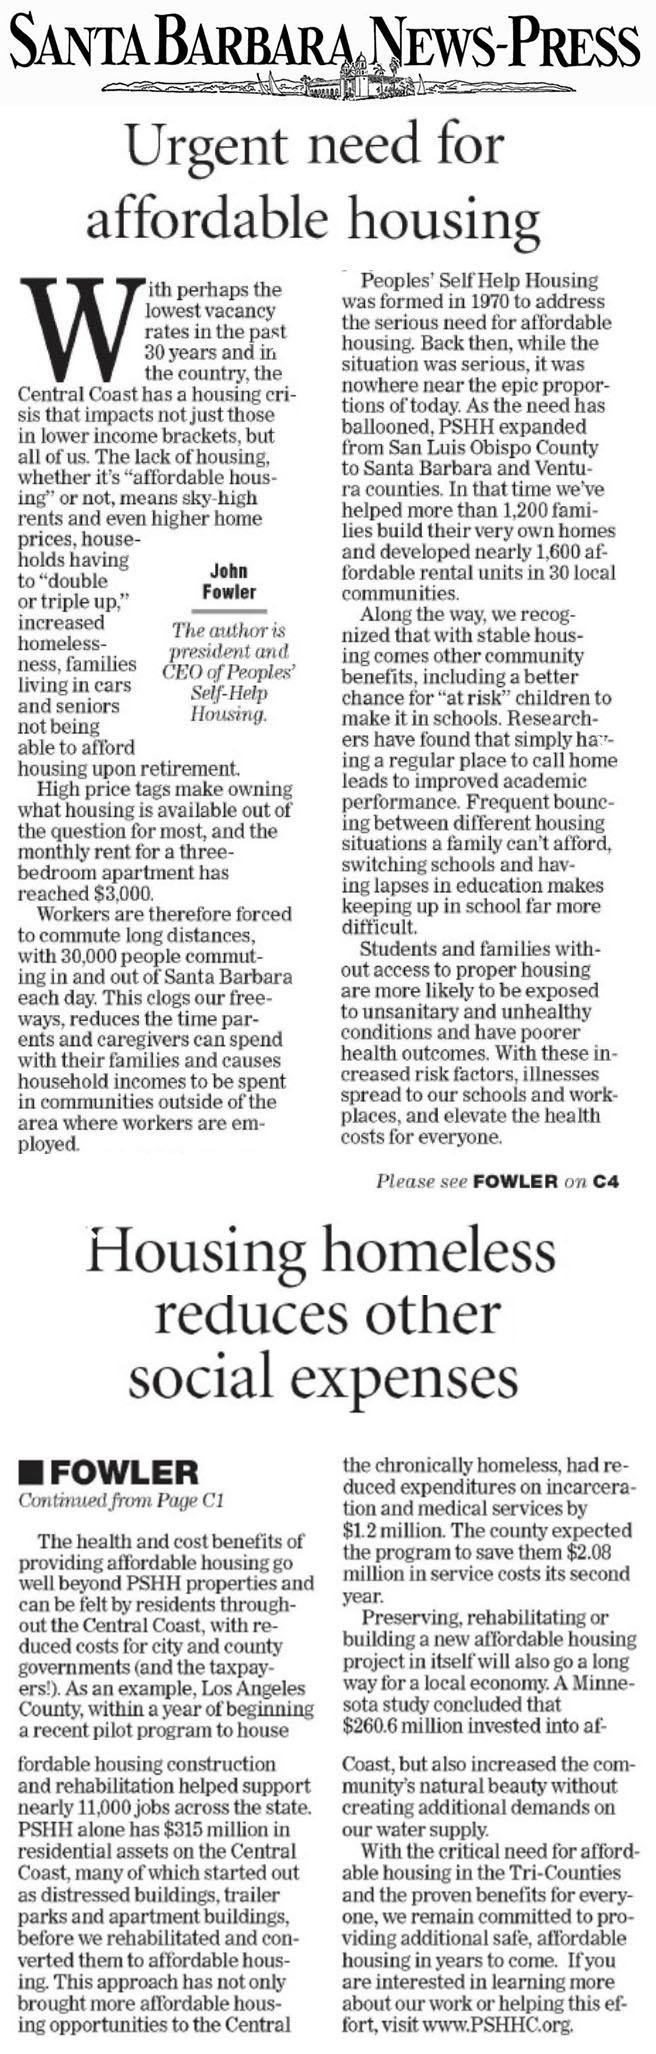 Urgent need for affordable housing - Santa Barbara News-Press